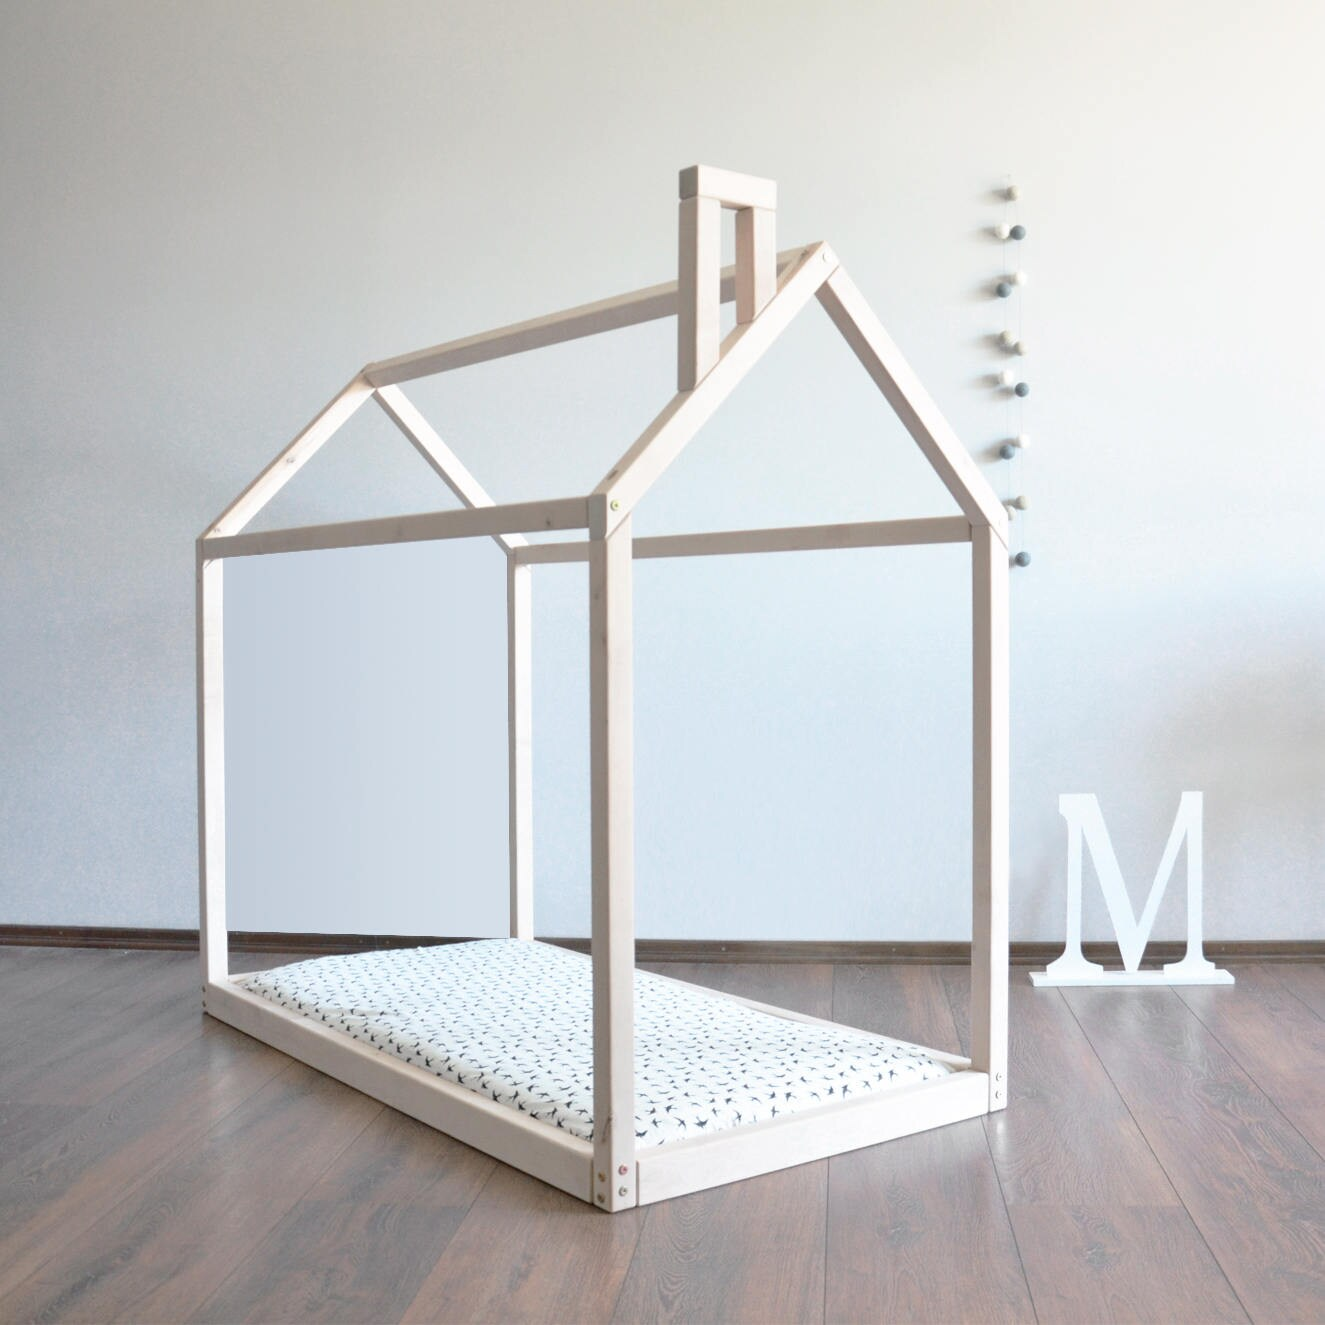 Haus-Bett-Rahmen-Baby-Bett Bett modernes Haus einzigartige   Etsy